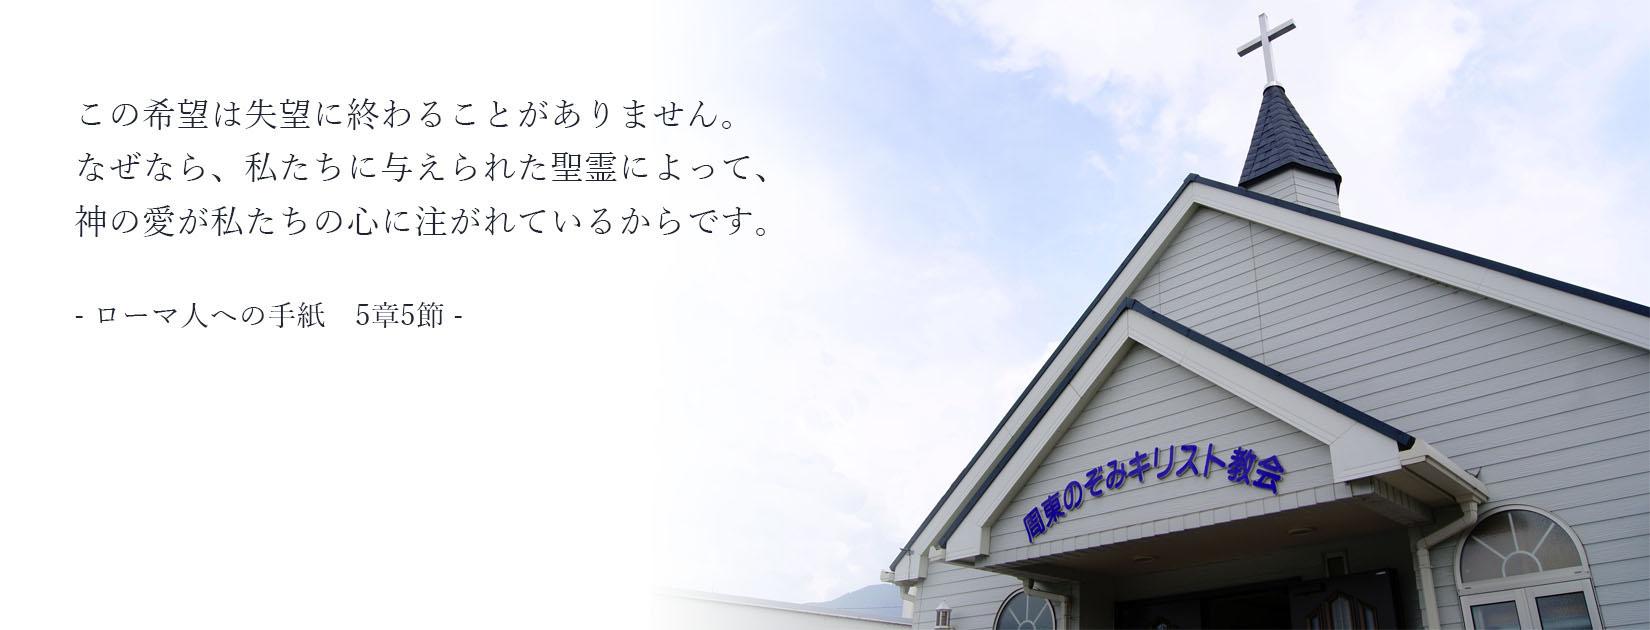 DSC039202019